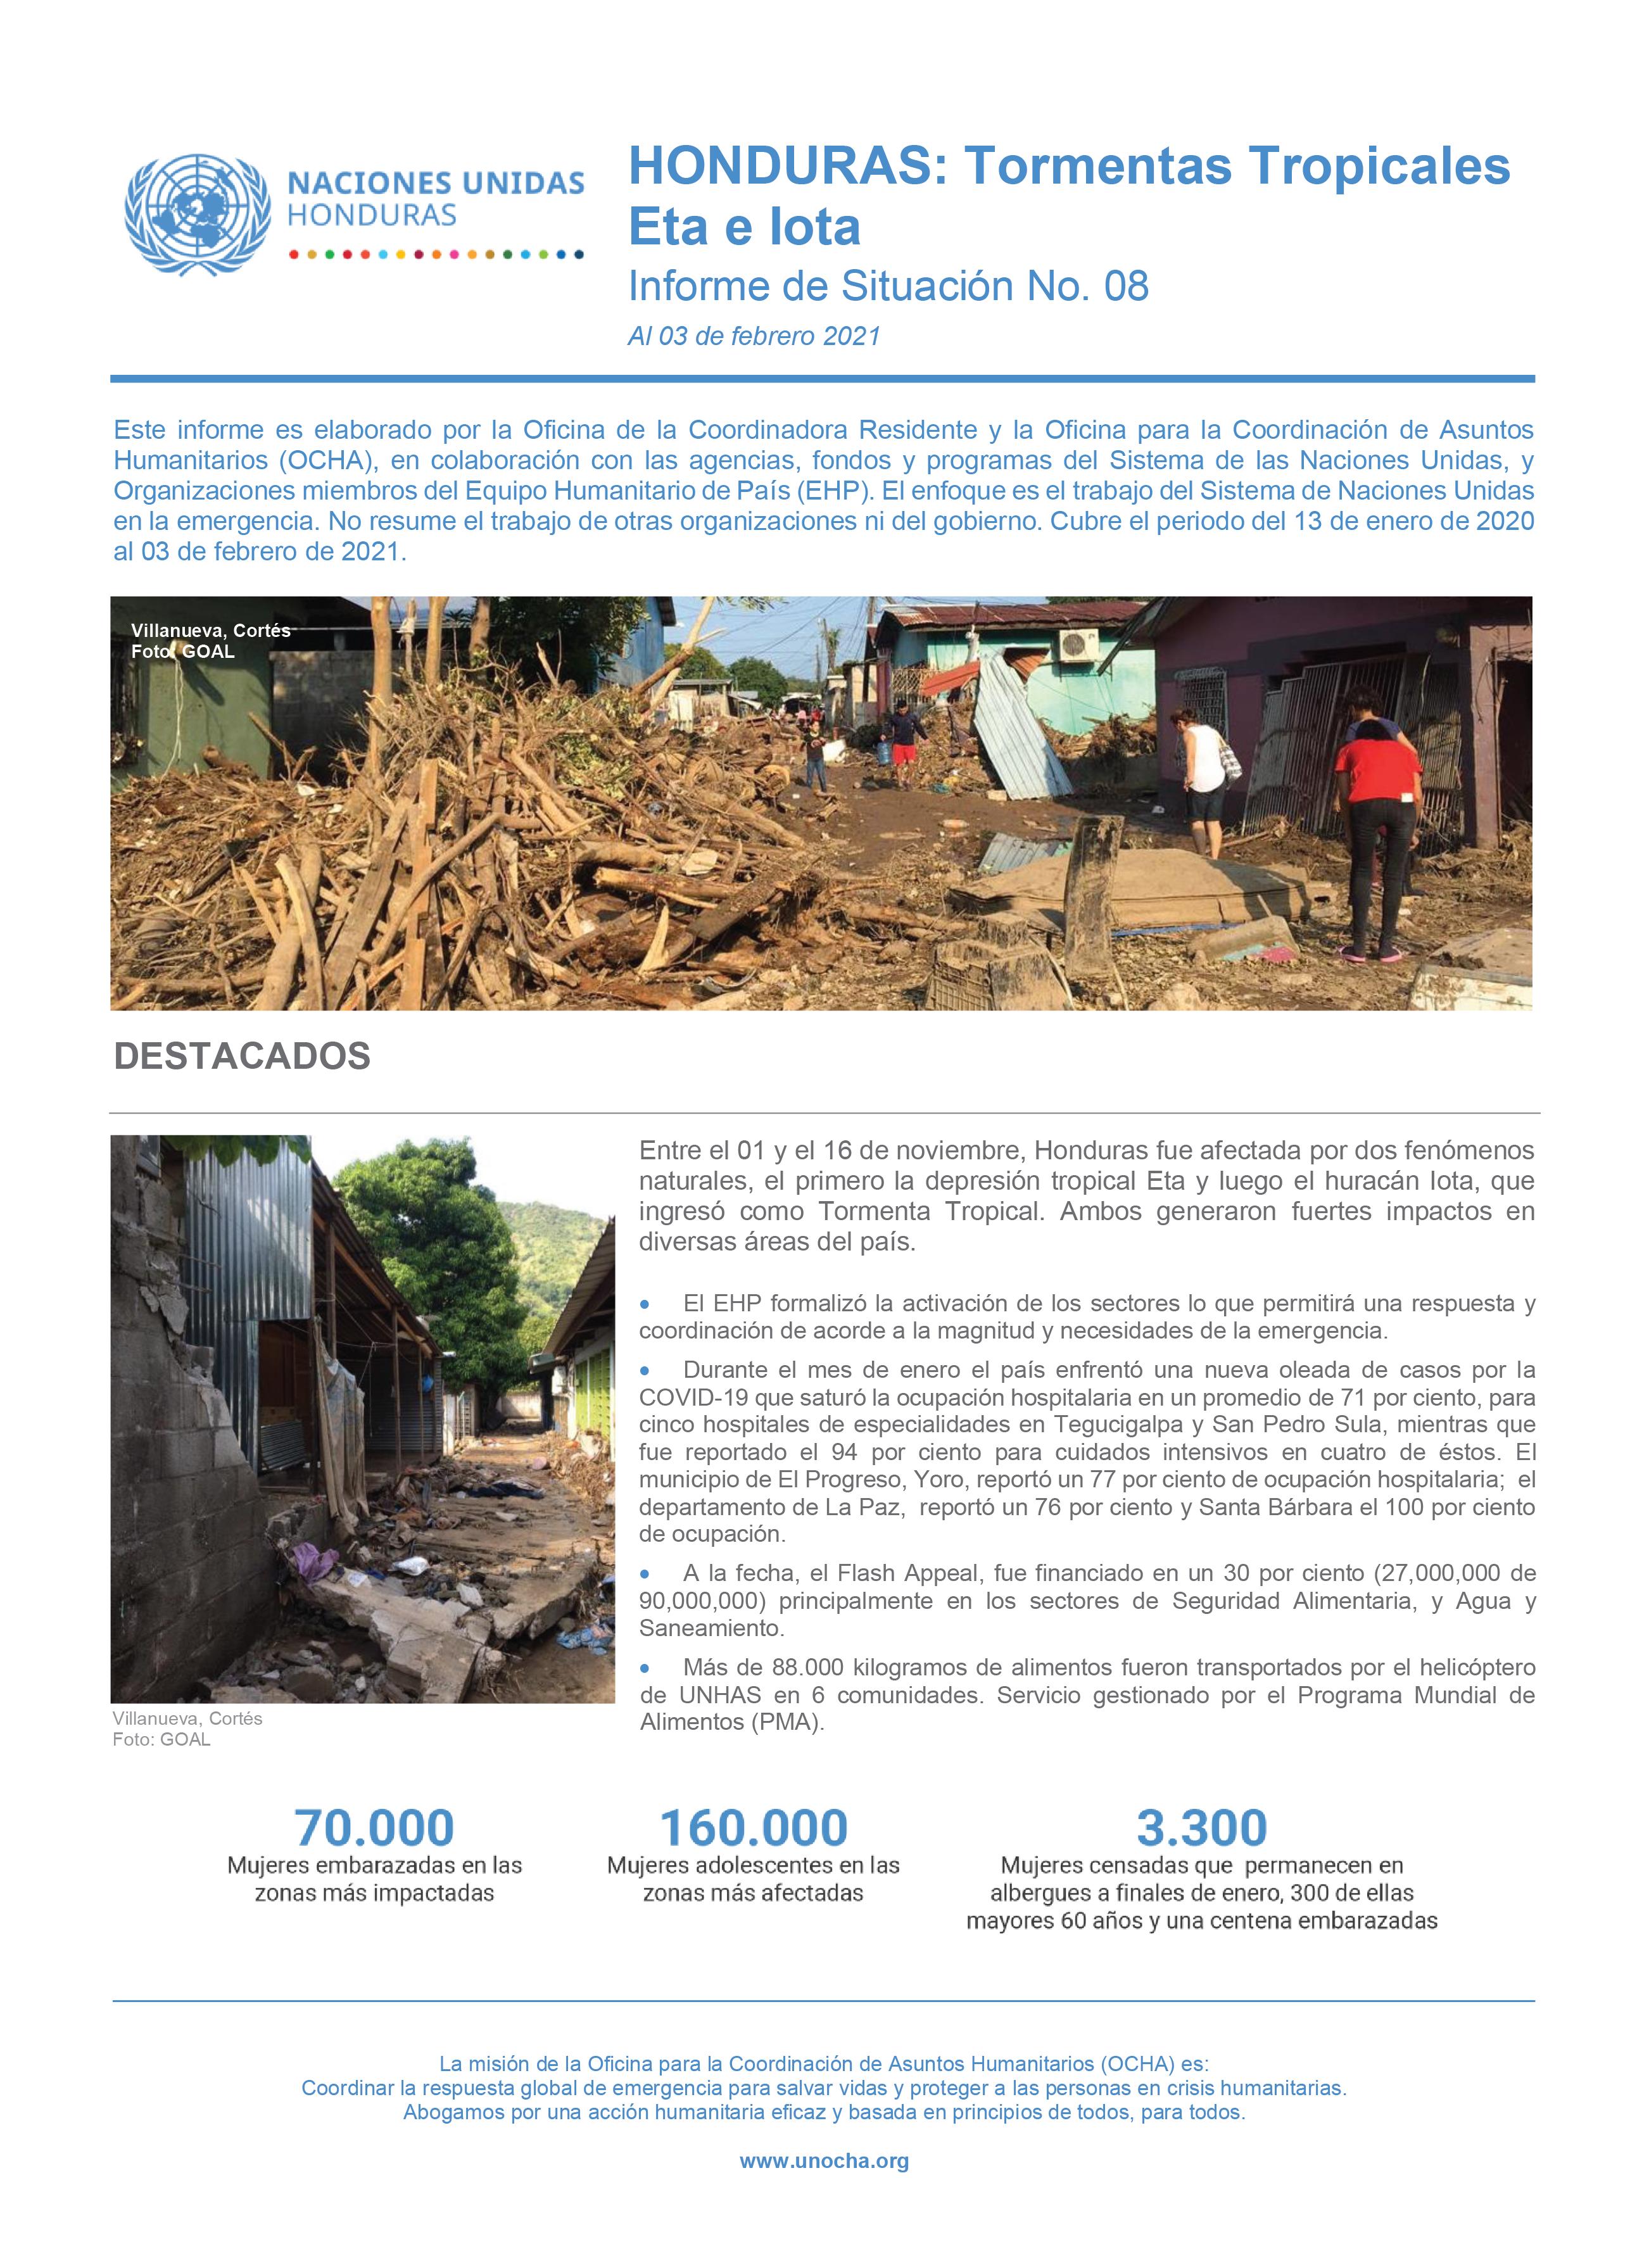 Informe de Situación No.8: Honduras Tormentas Tropicales Eta e Iota